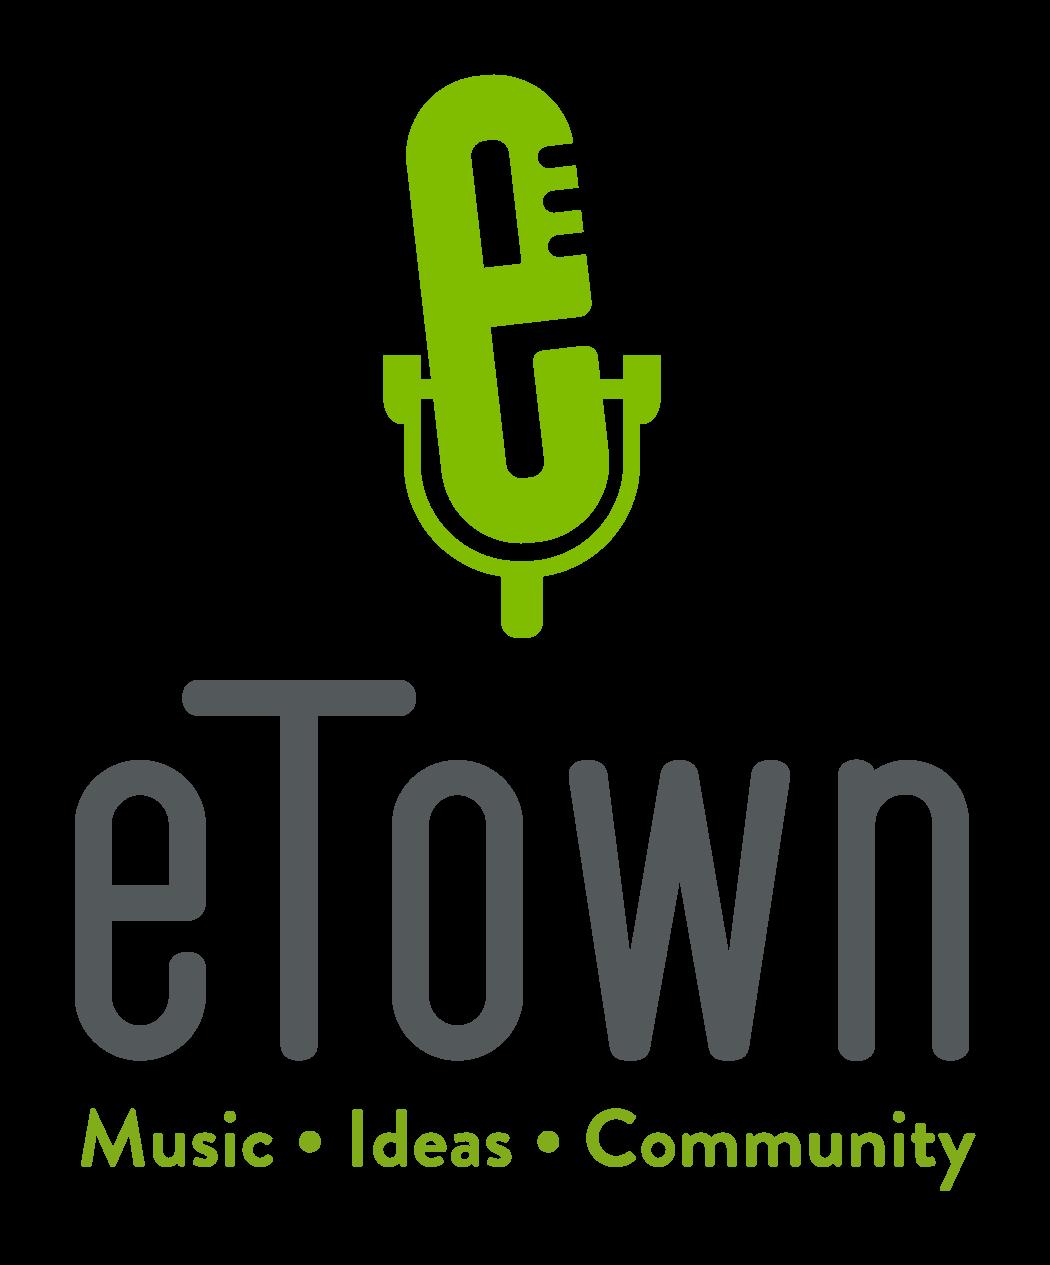 eTown_logo_color_vert_tagline.png